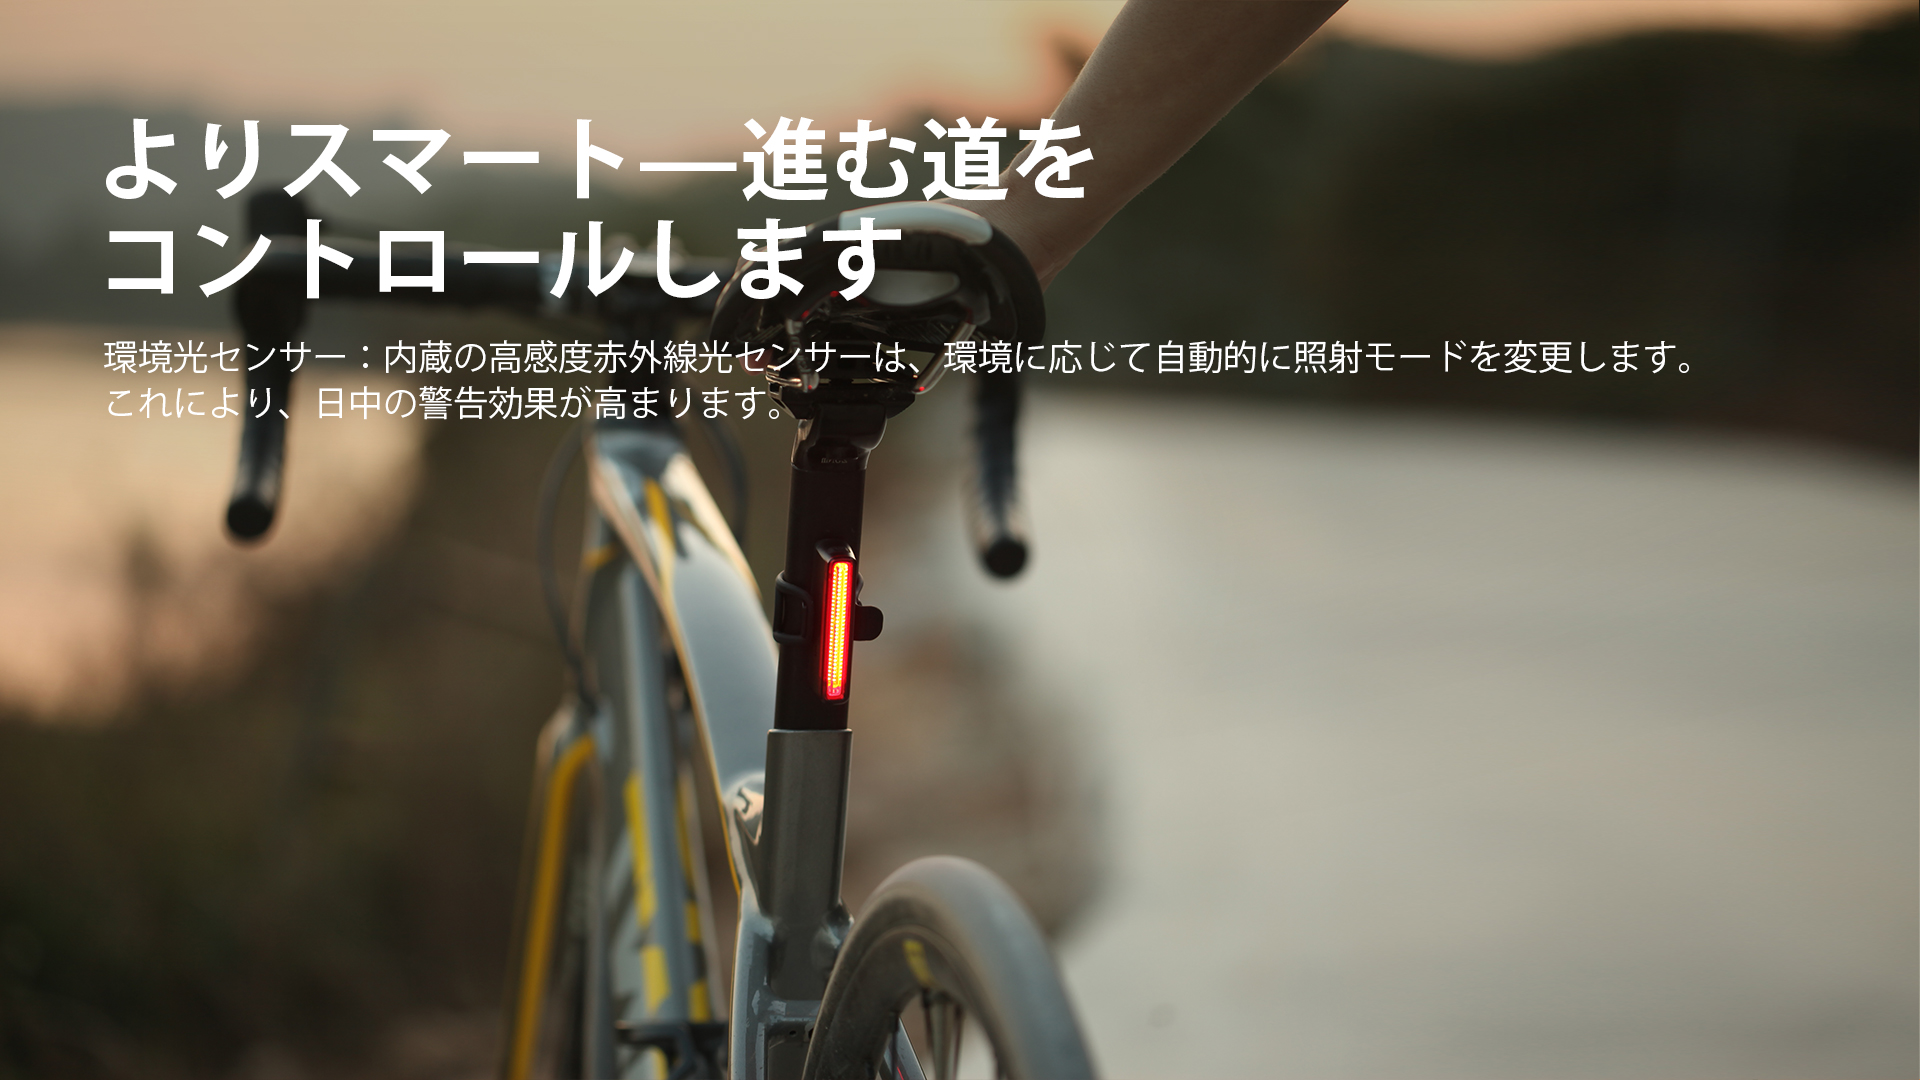 自動モード調整とより良い警告効果のための環境光センサー。